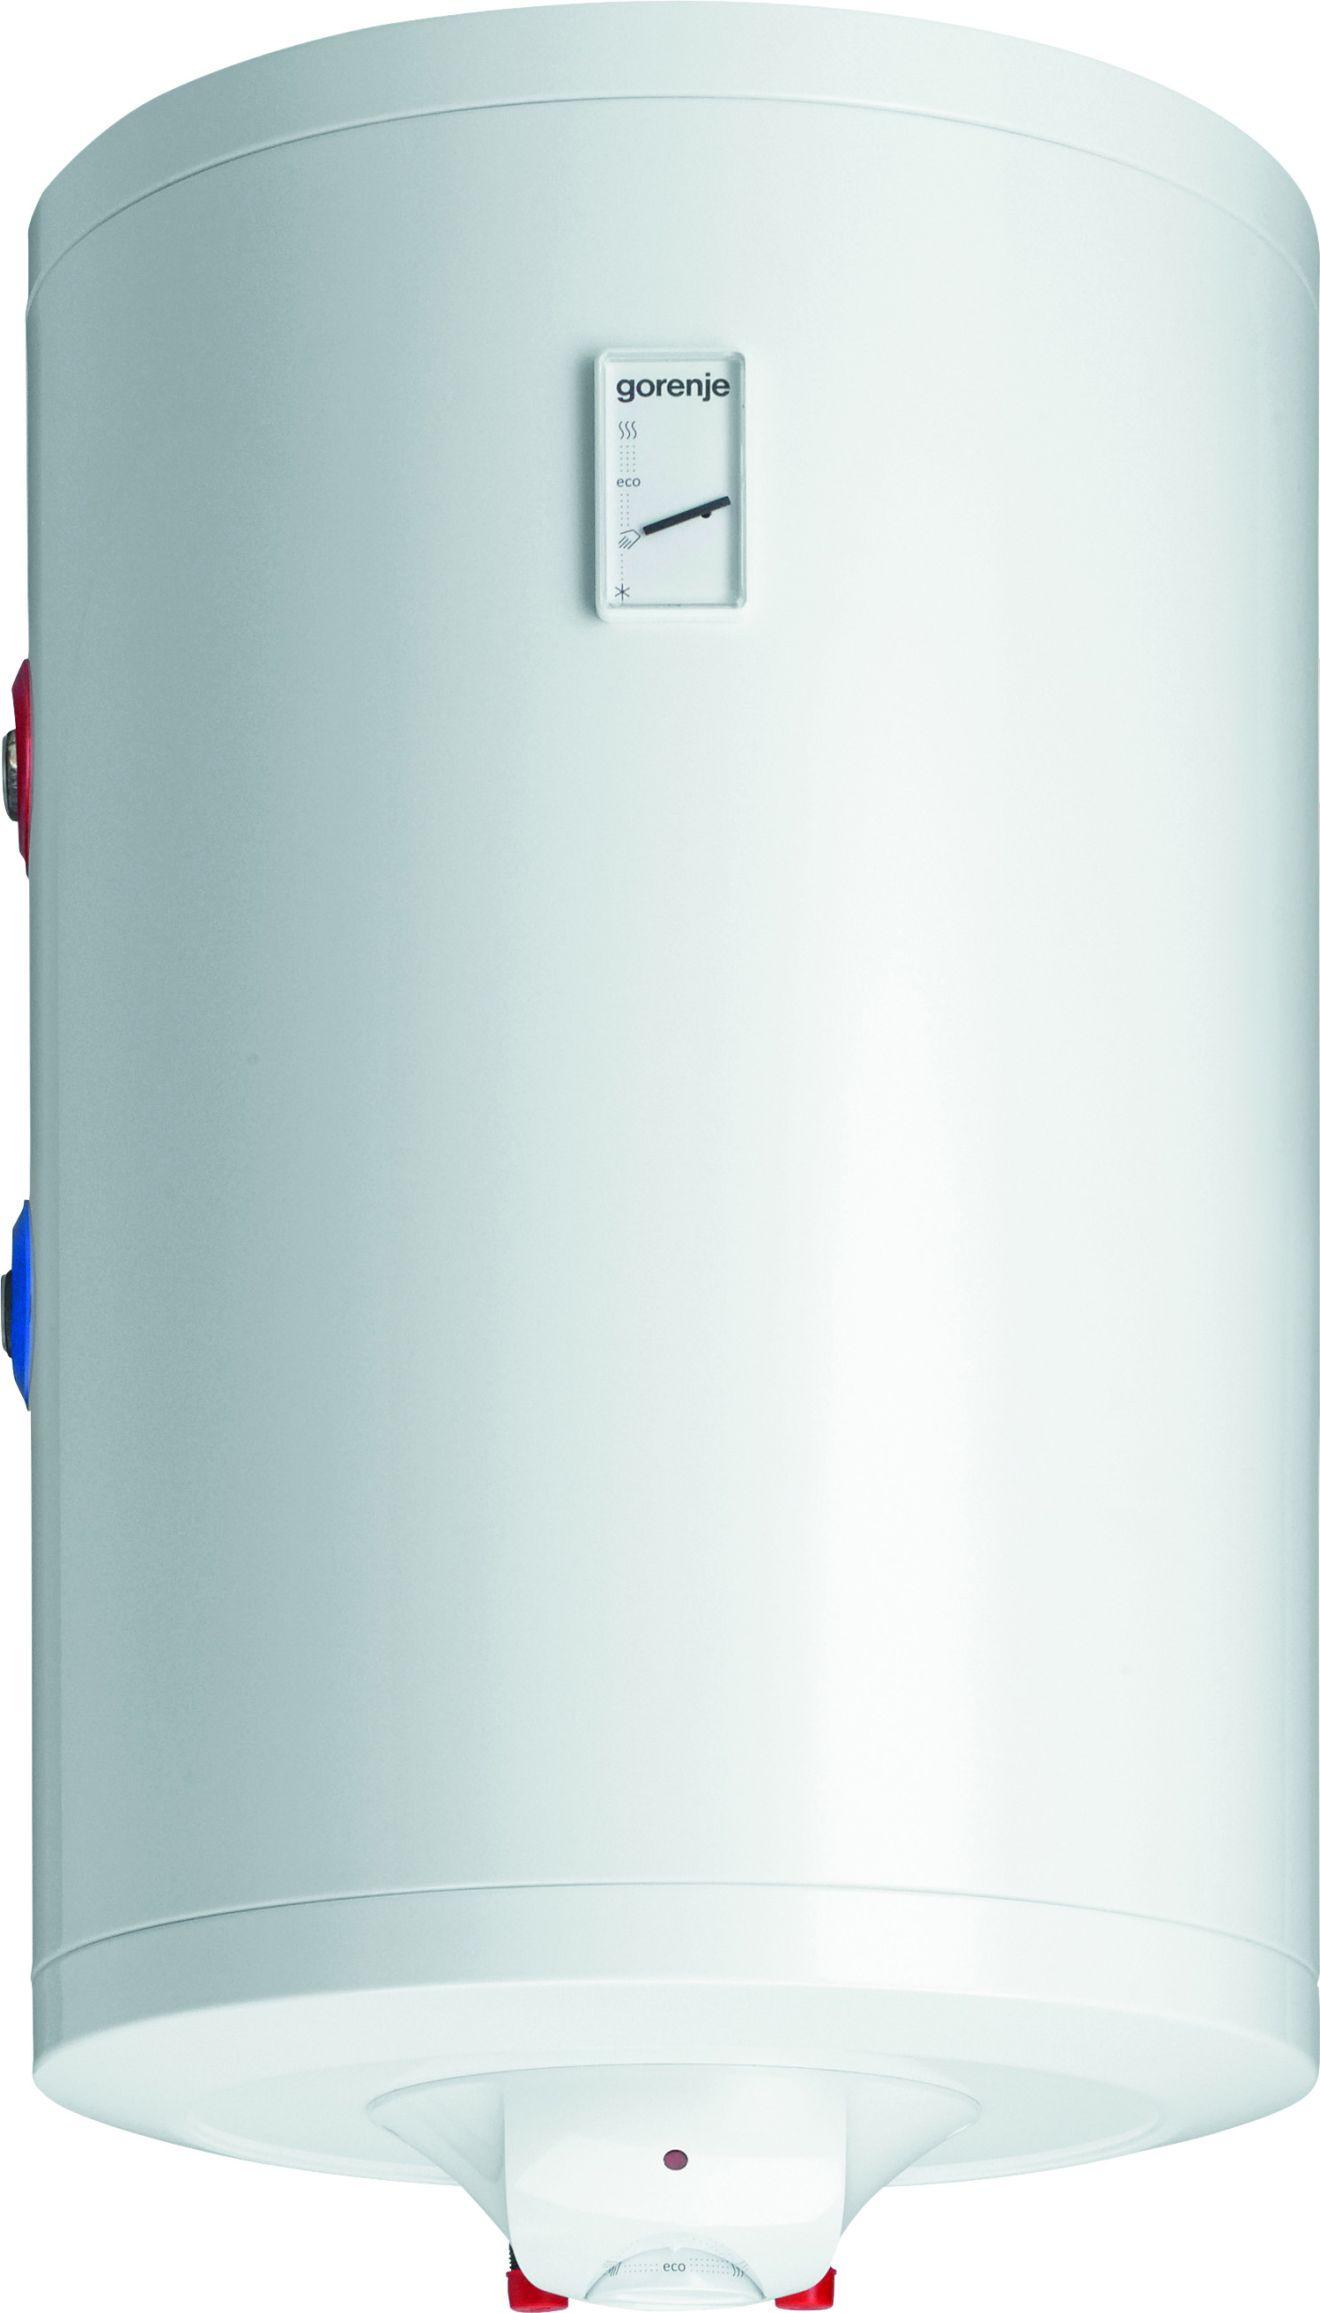 Водонагреватель косвенного нагрева Gorenje TGRK150LNGB6 комбинированный (теплообменник + ТЭН)